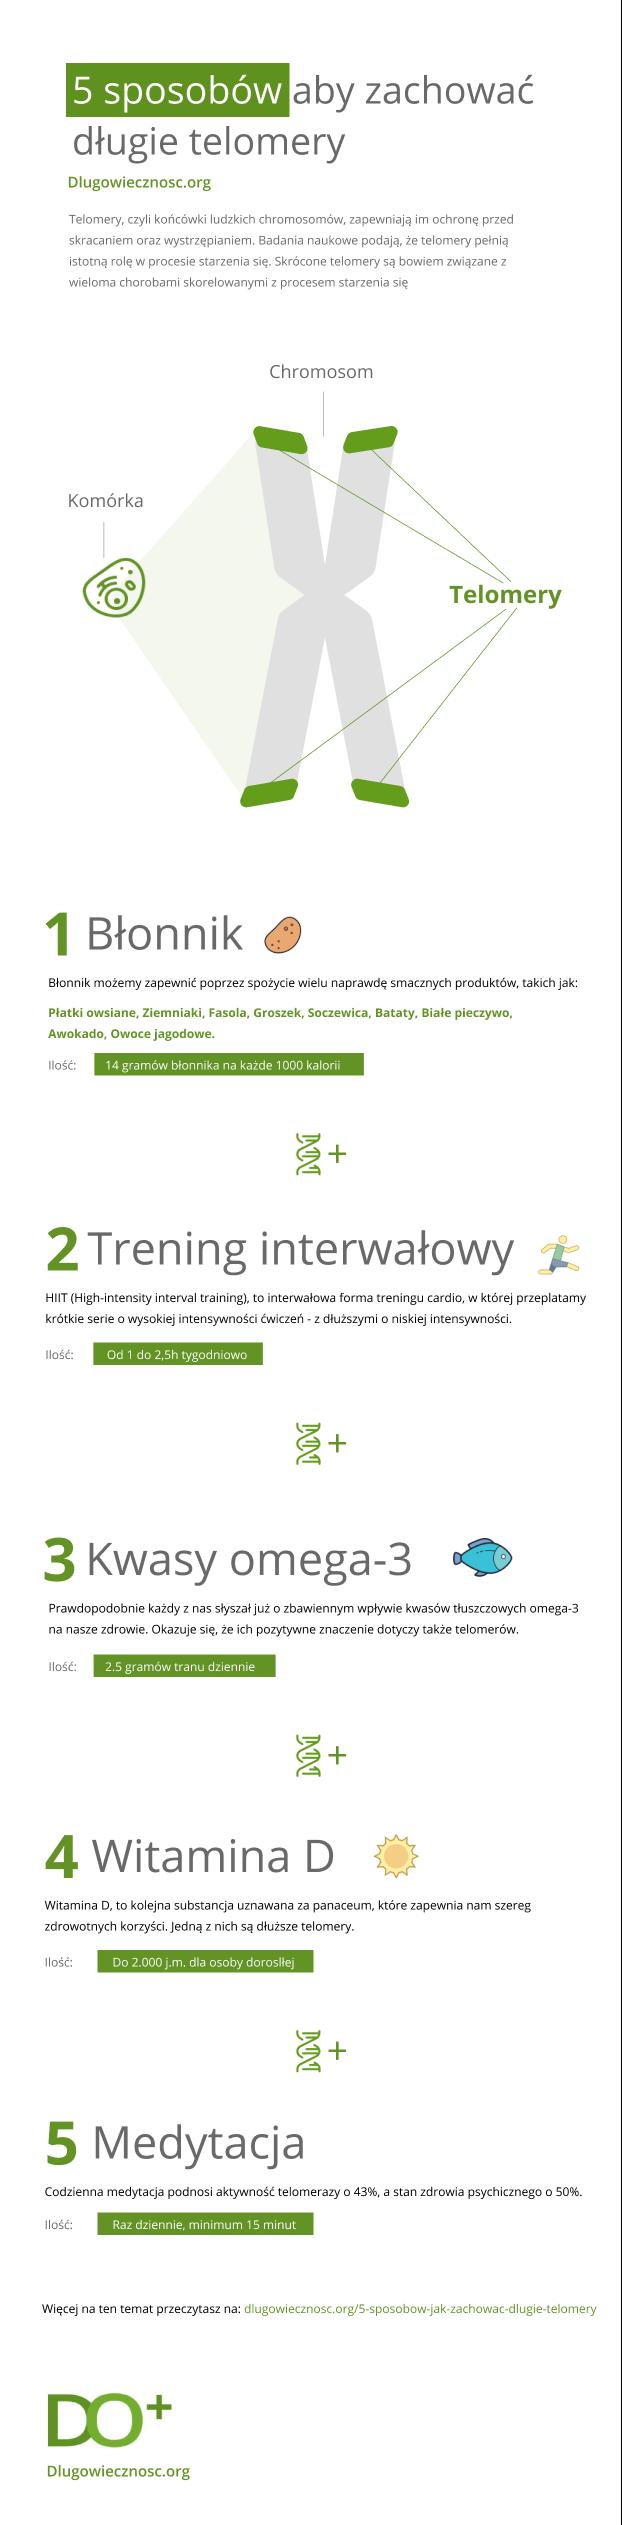 5-sposobow-aby-zachowac-dlugie-telomery